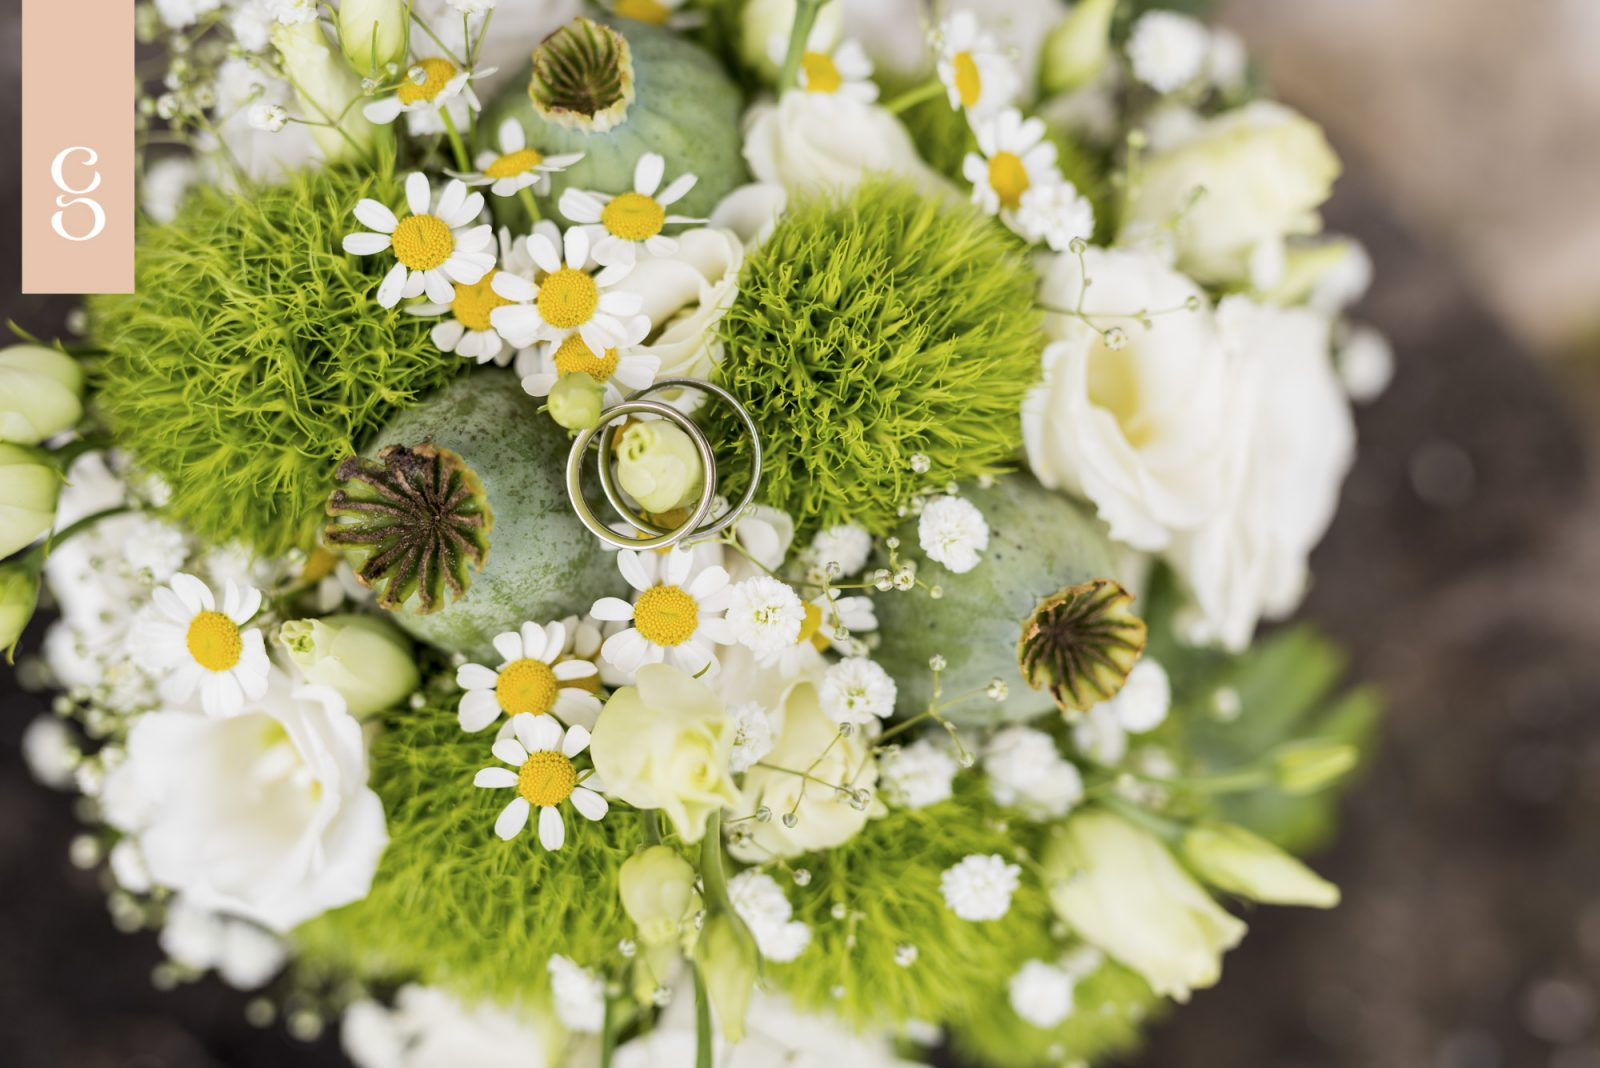 Fotograf_Goettges_Hochzeit_Wedding_Ramsau_Hintersee_Hirschbichl_Berchtesgaden_Hochzeitsfotograf-14